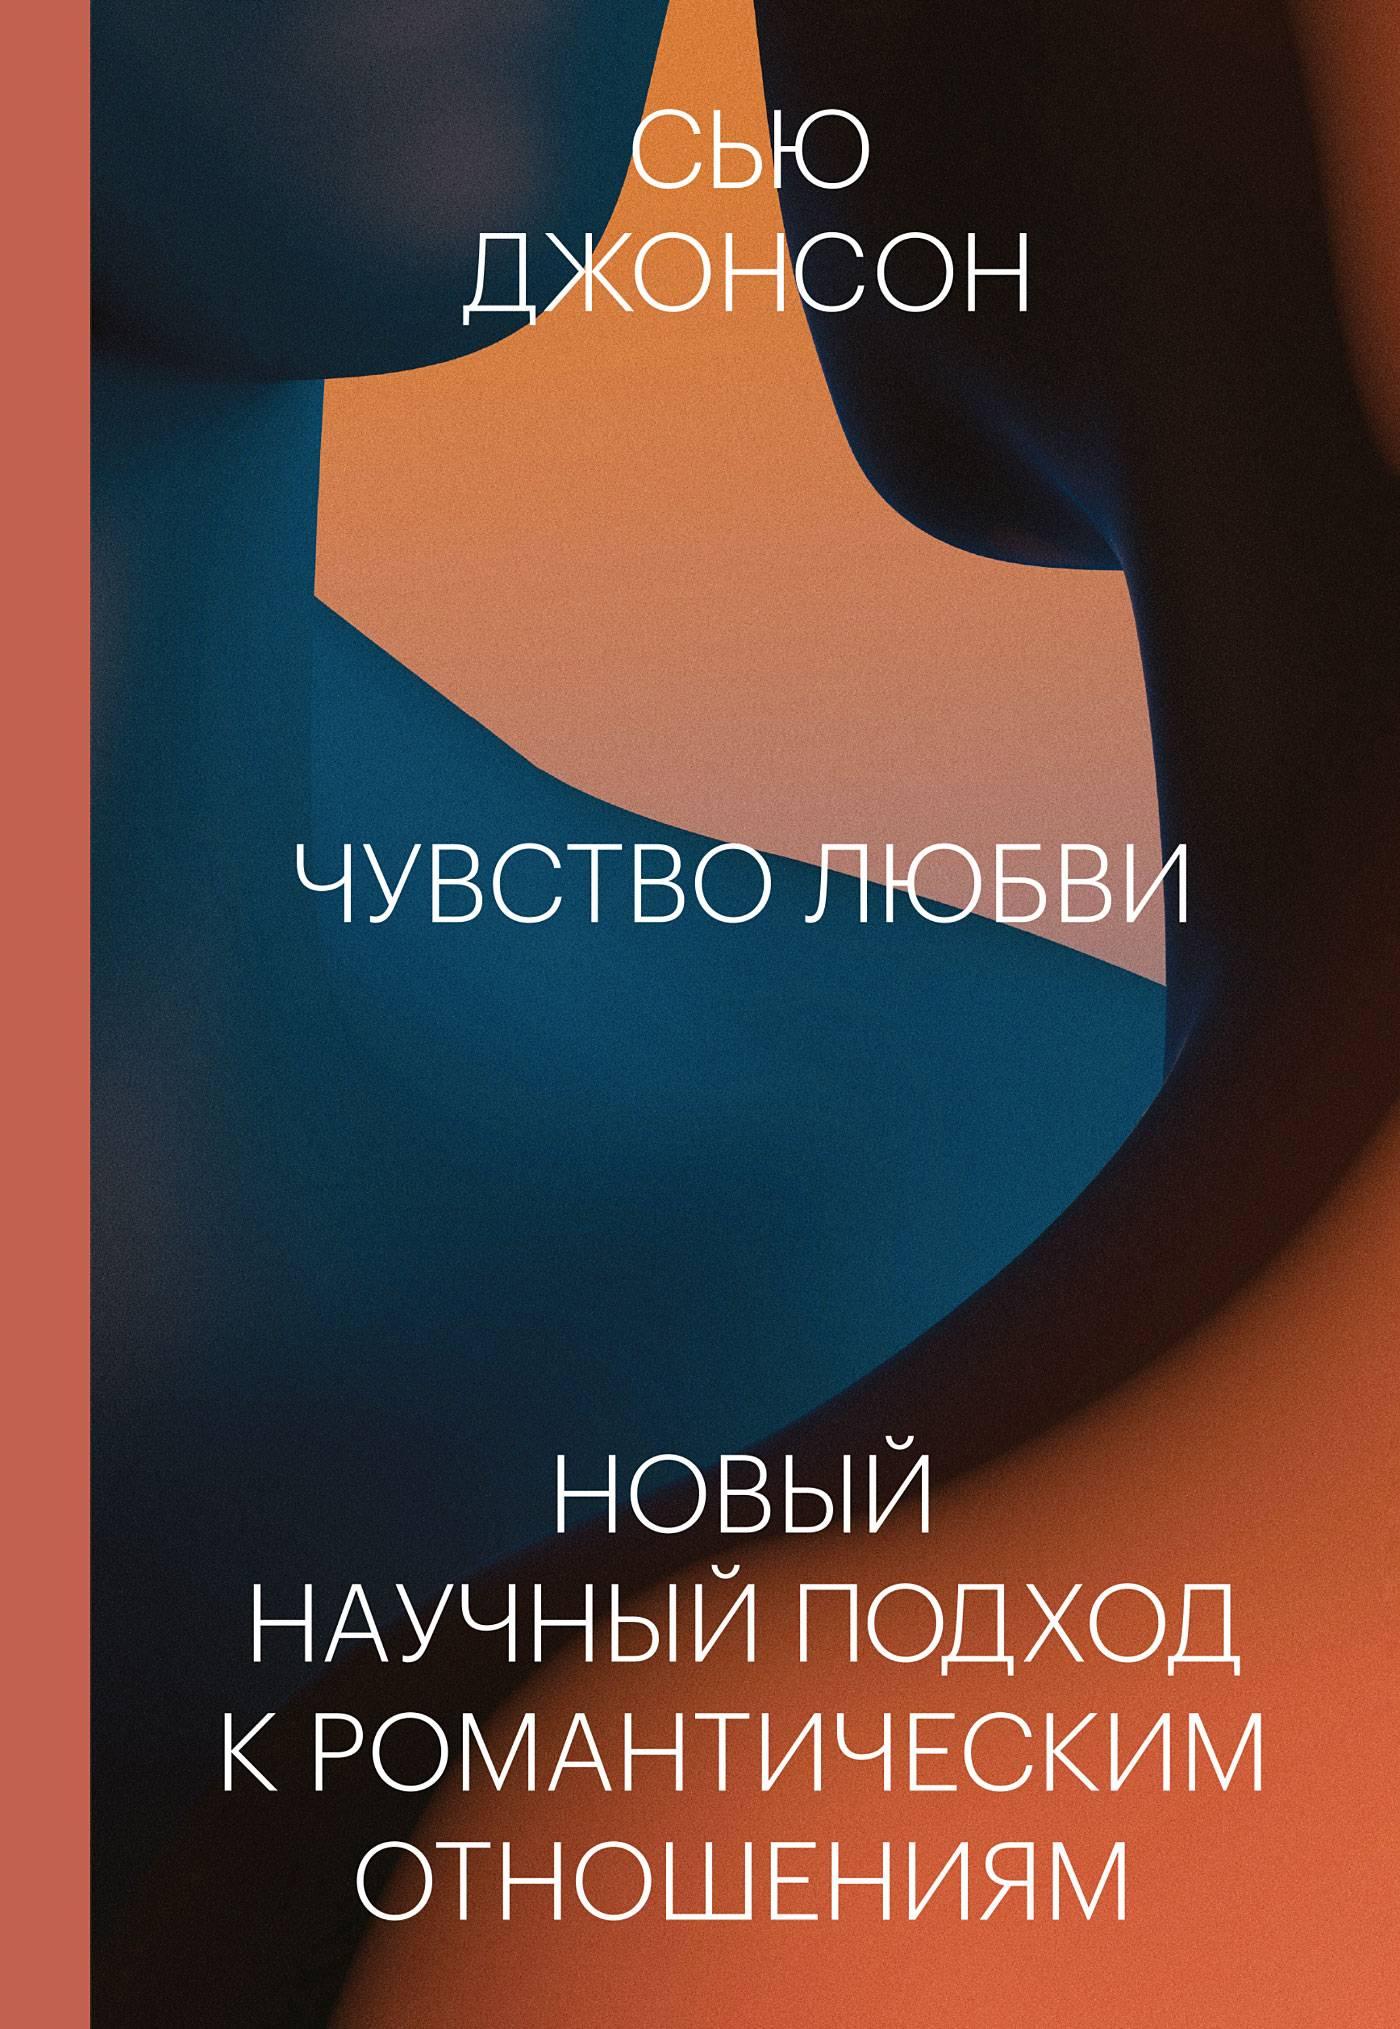 Психология: отношения любовь - бесплатные статьи по психологии в доме солнца